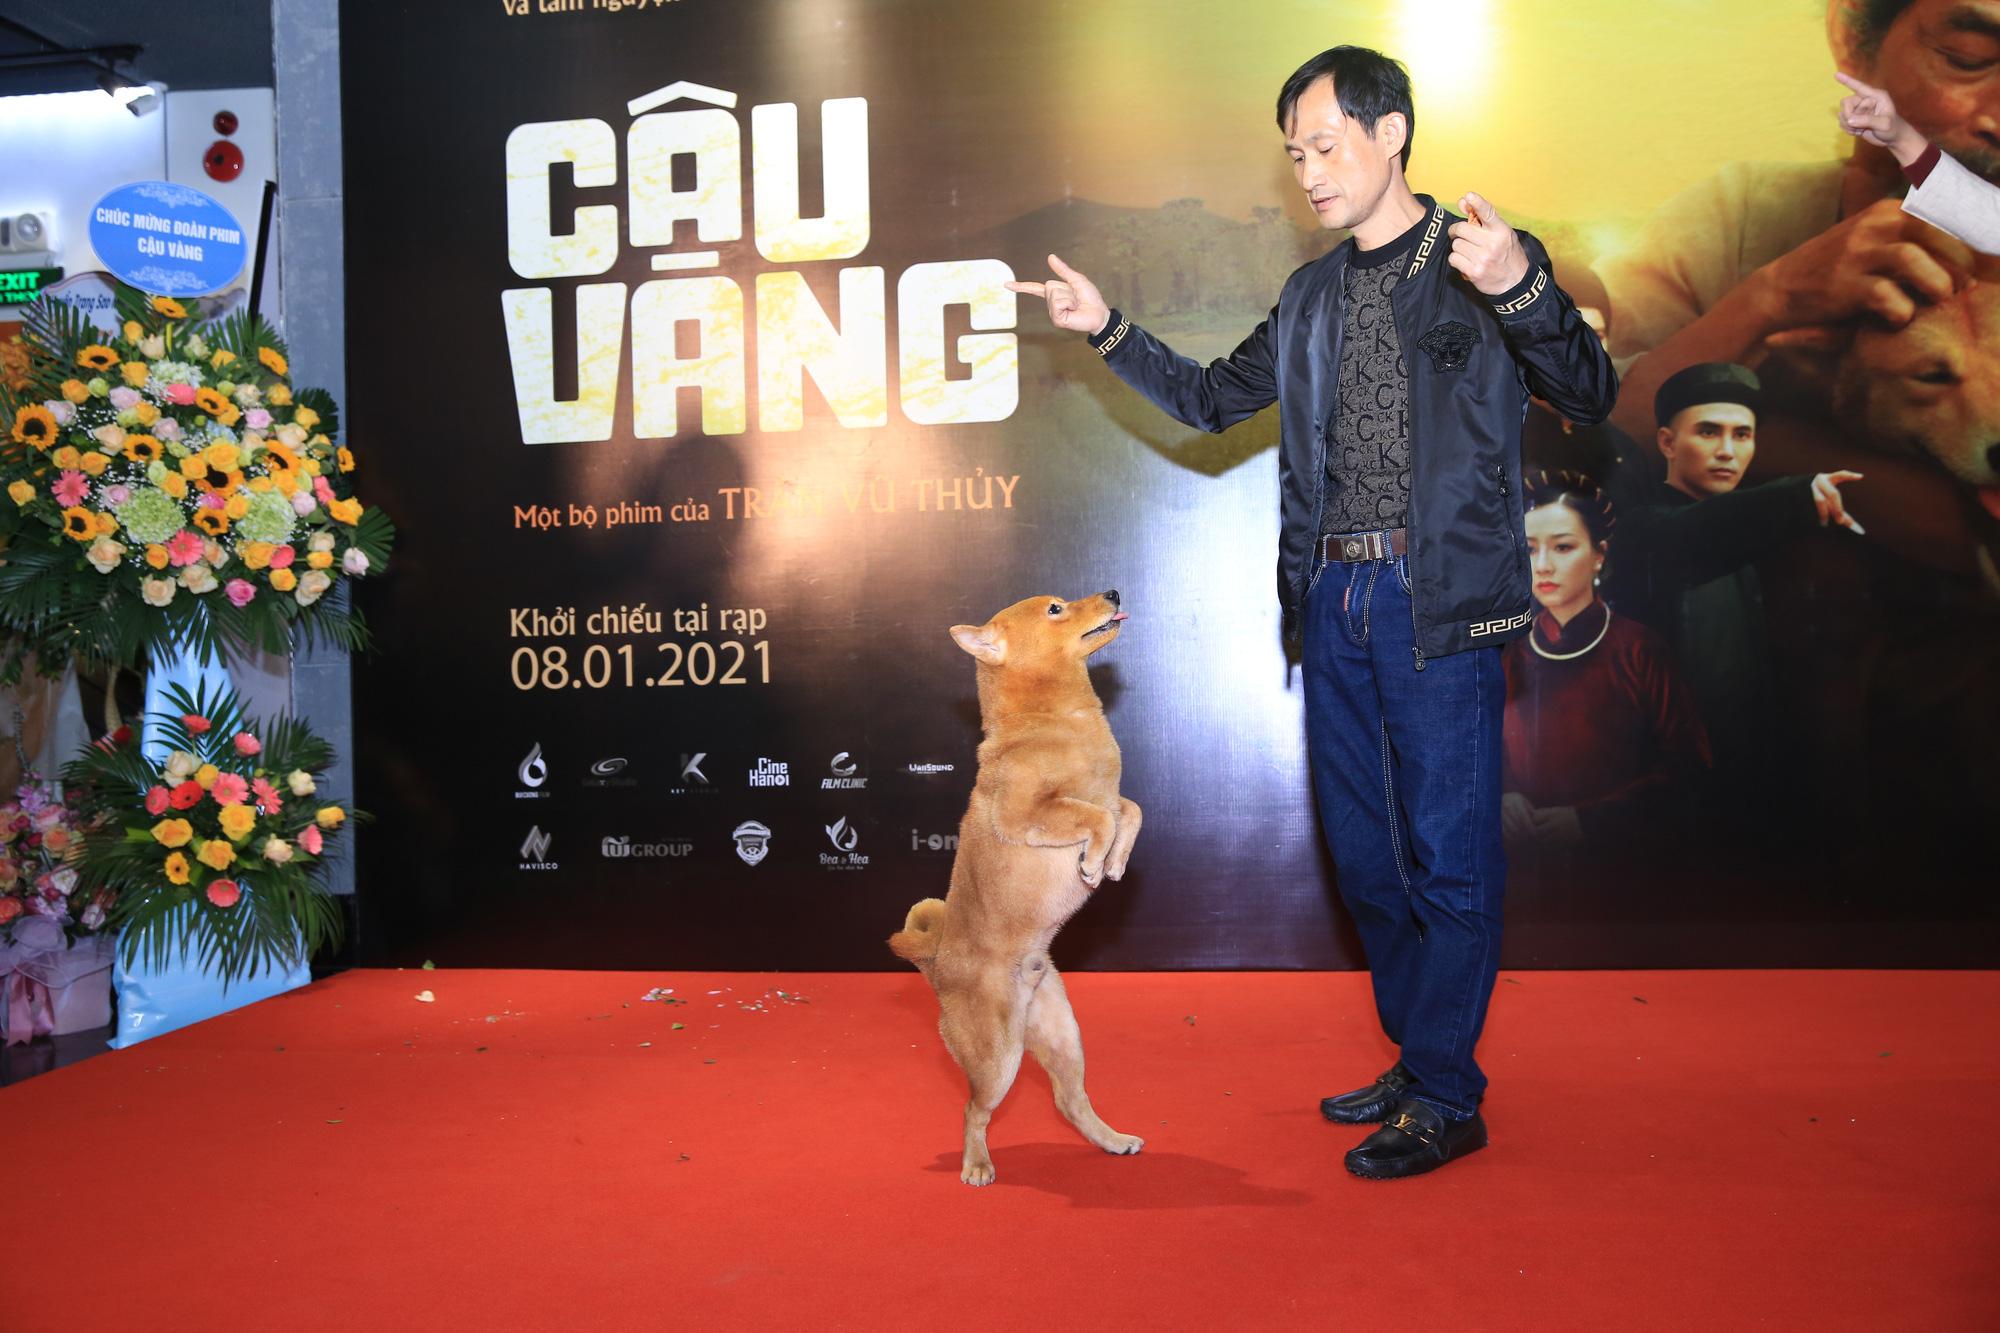 """Dàn diễn viên bắc nam đổ bộ tại buổi ra mắt """"Cậu Vàng"""" tại Hà Nội - Ảnh 5."""